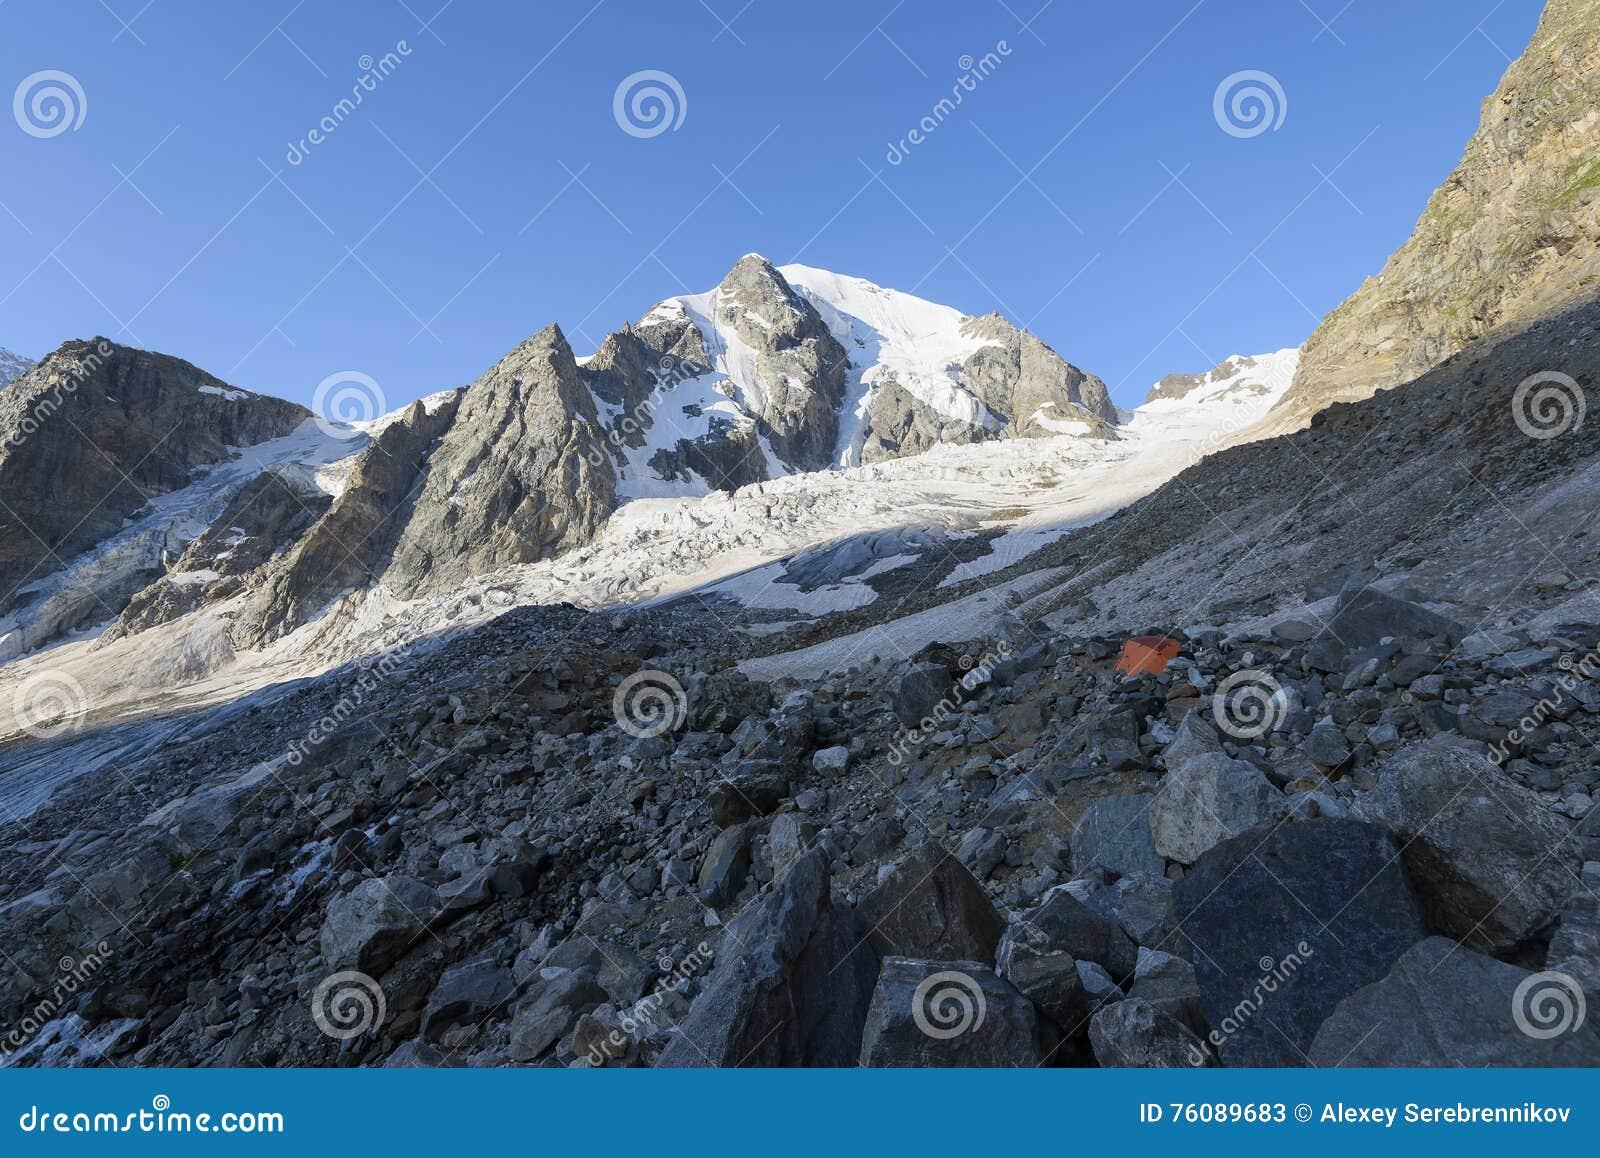 Tente orange parmi des pierres dans le camp des montagnes contre des montagnes et